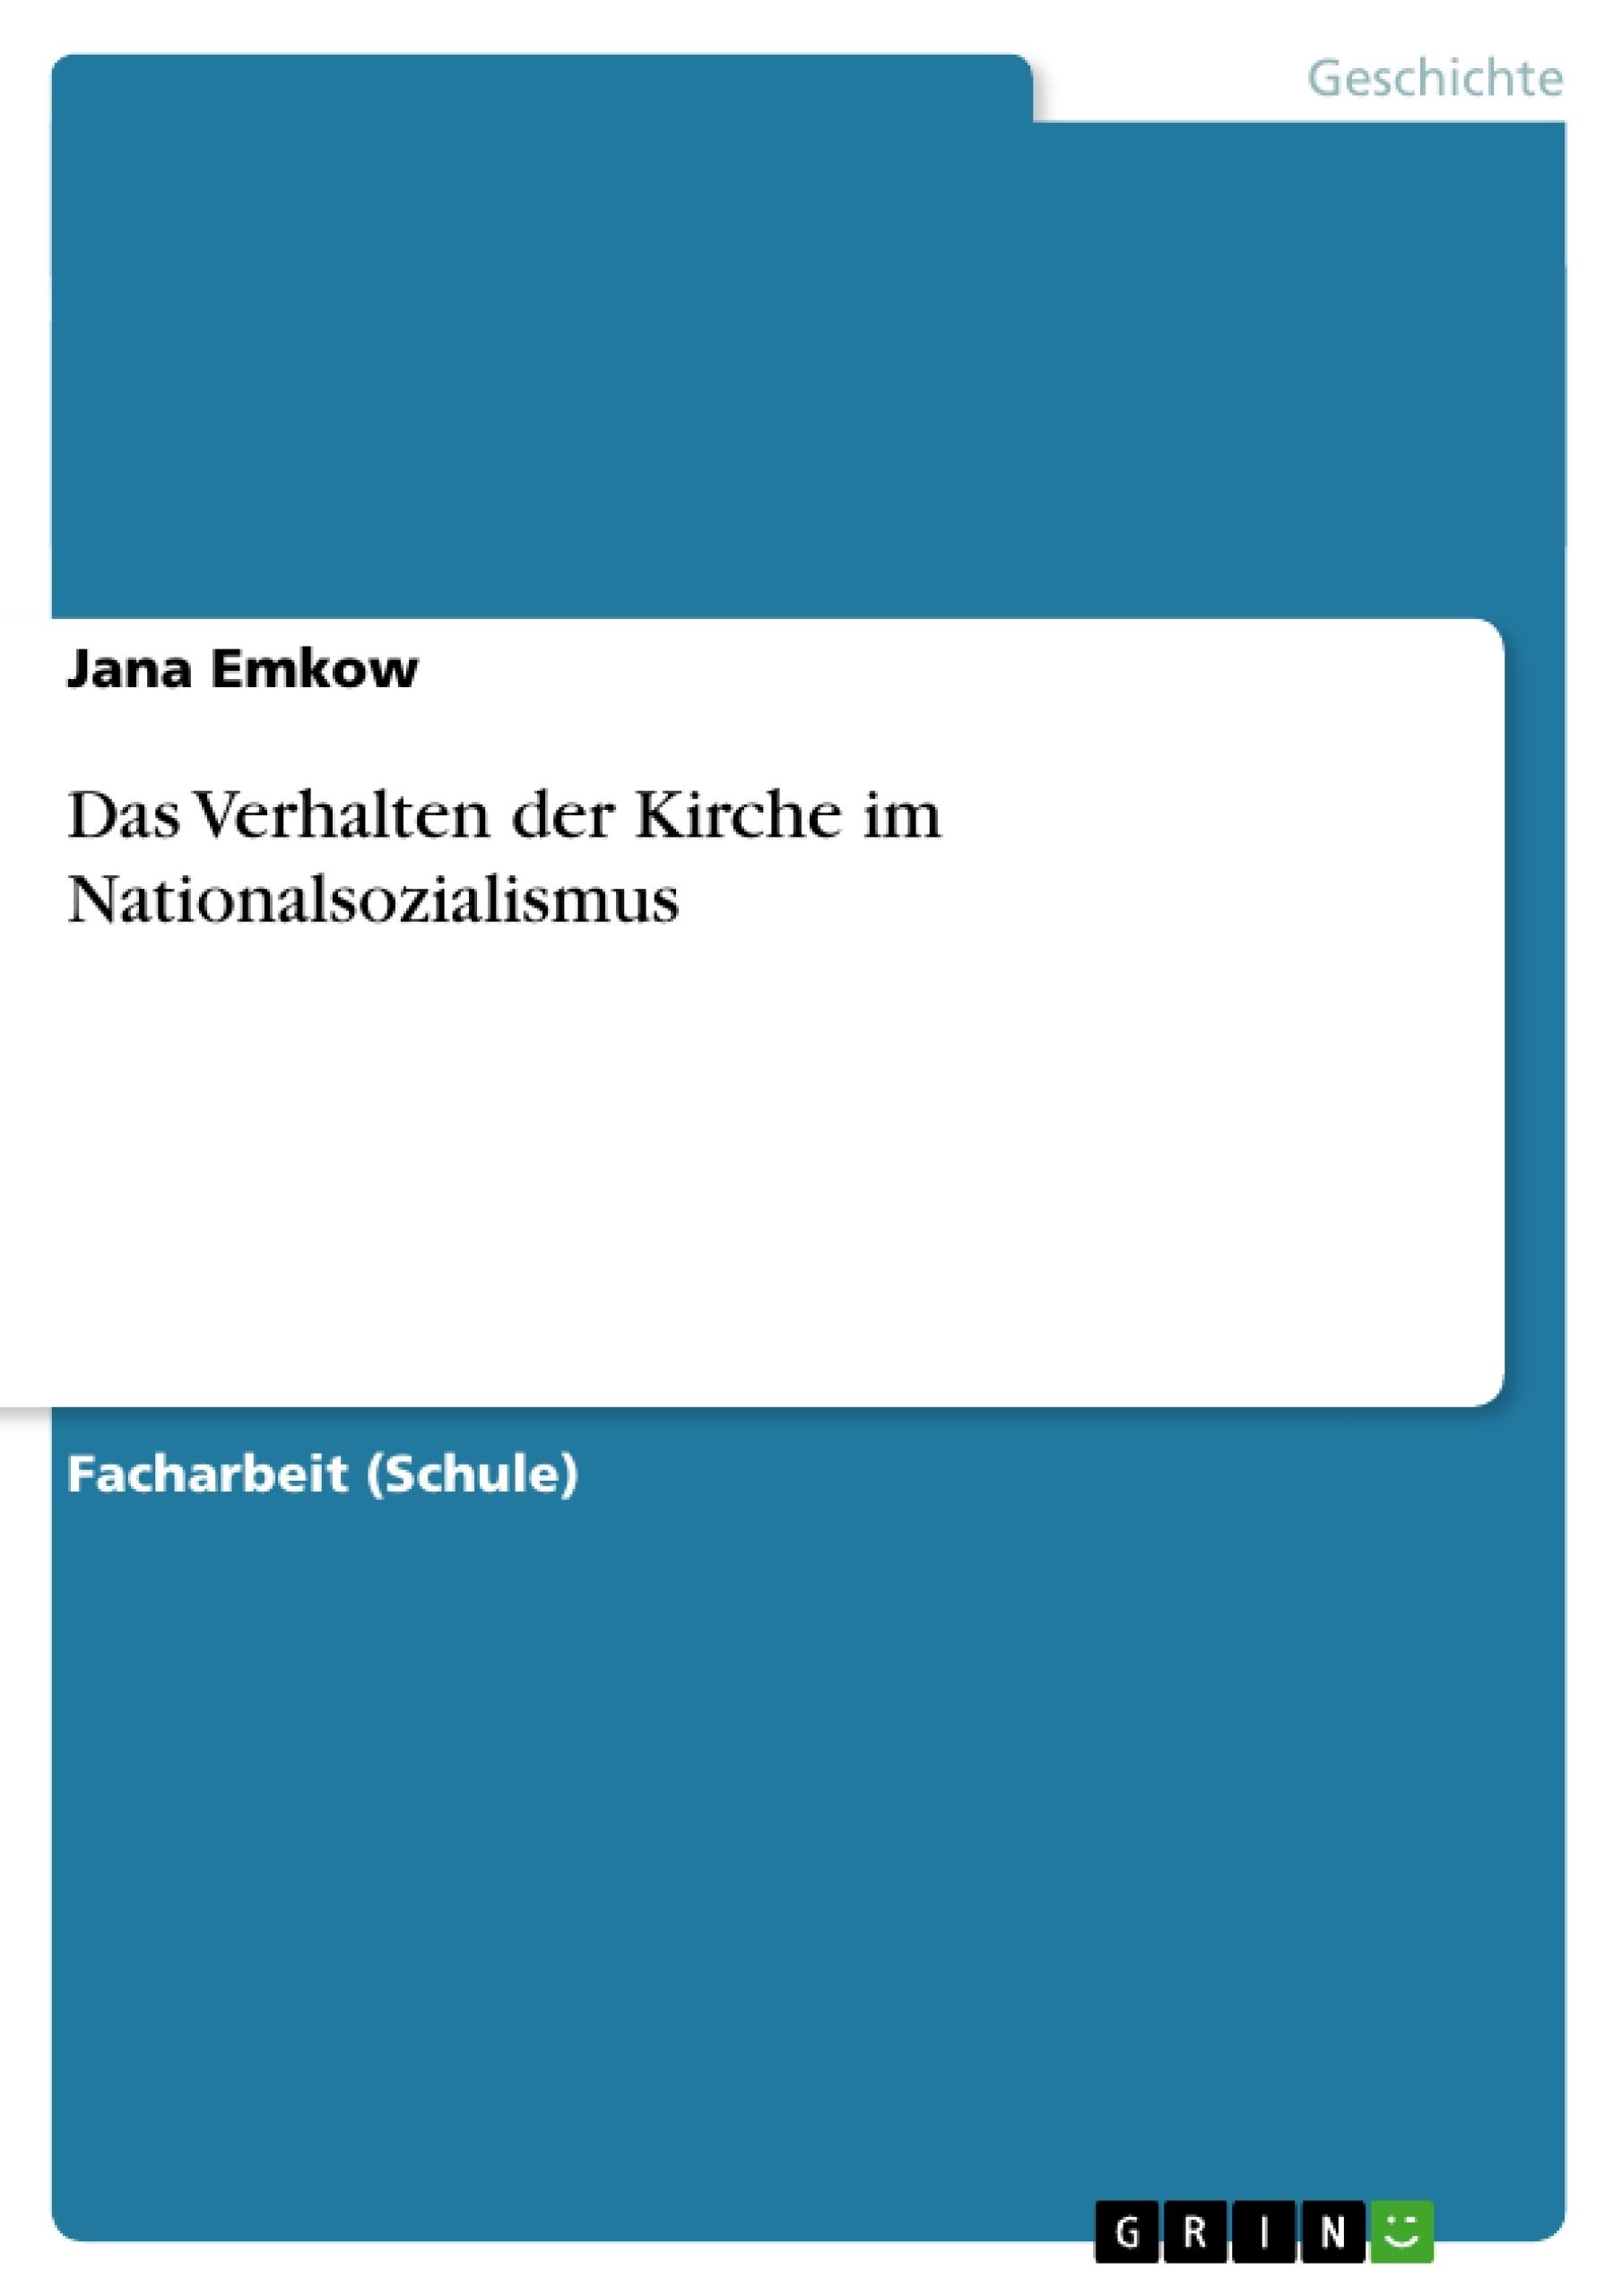 Titel: Das Verhalten der Kirche im Nationalsozialismus